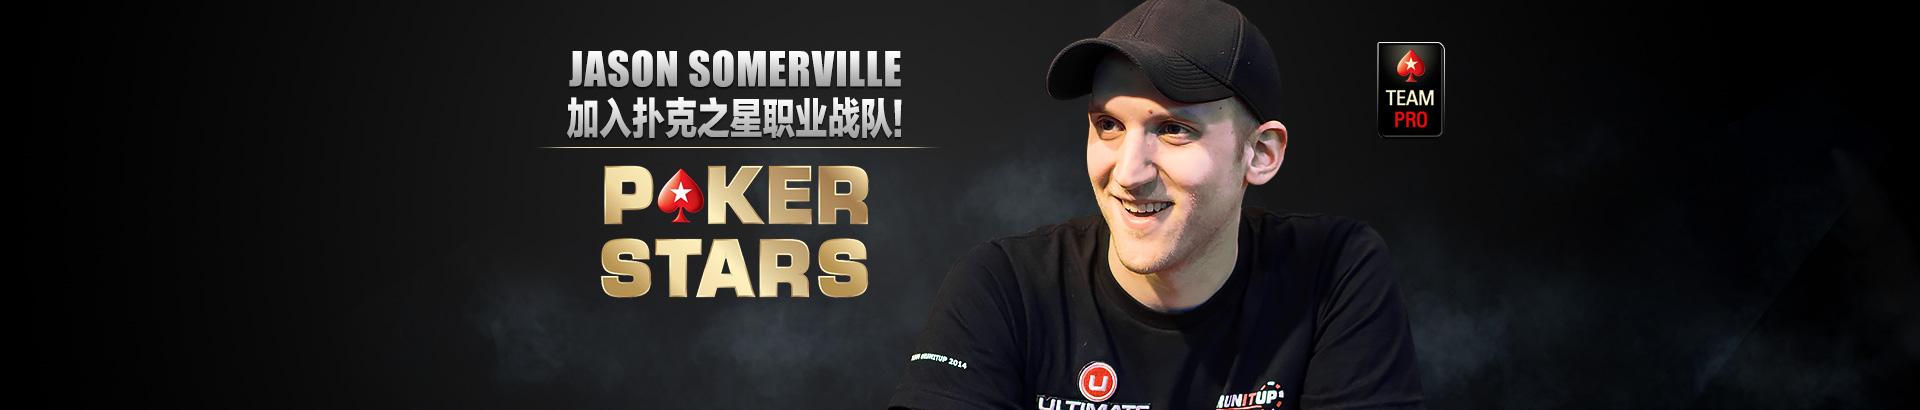 Jason Somerville加入扑克之星团队